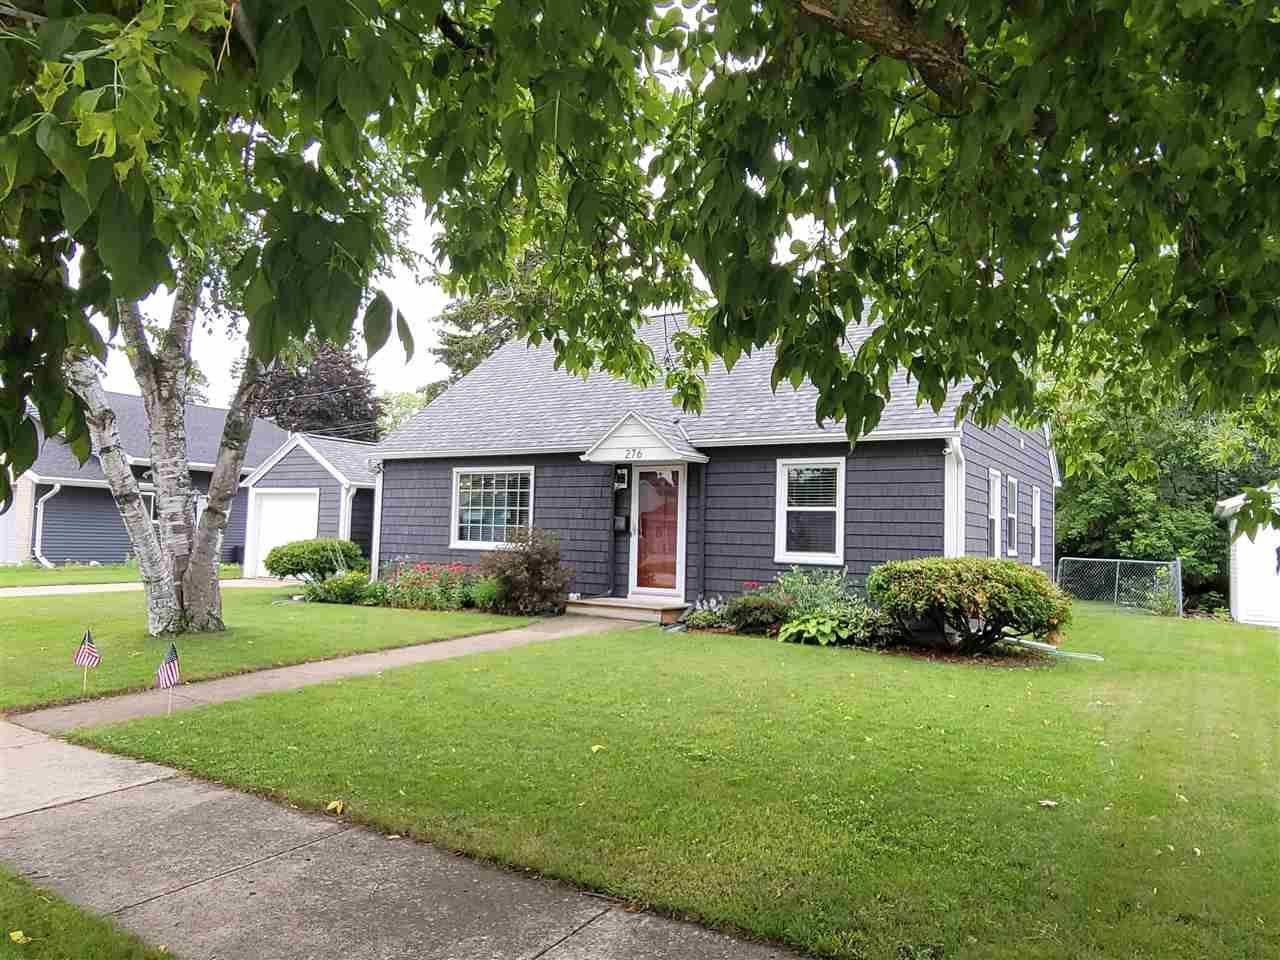 276 DAHL Place, Fond du Lac, WI 54935 - MLS#: 50243666